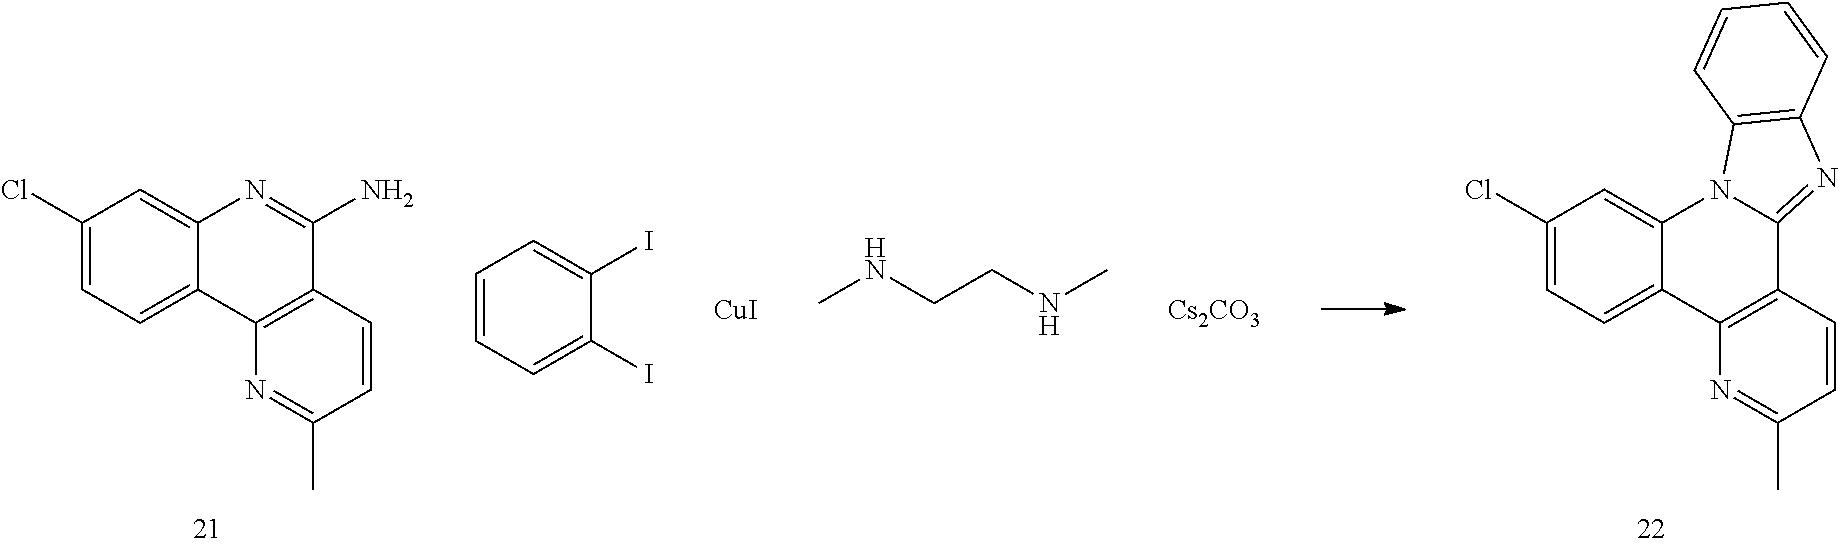 Figure US09905785-20180227-C00398